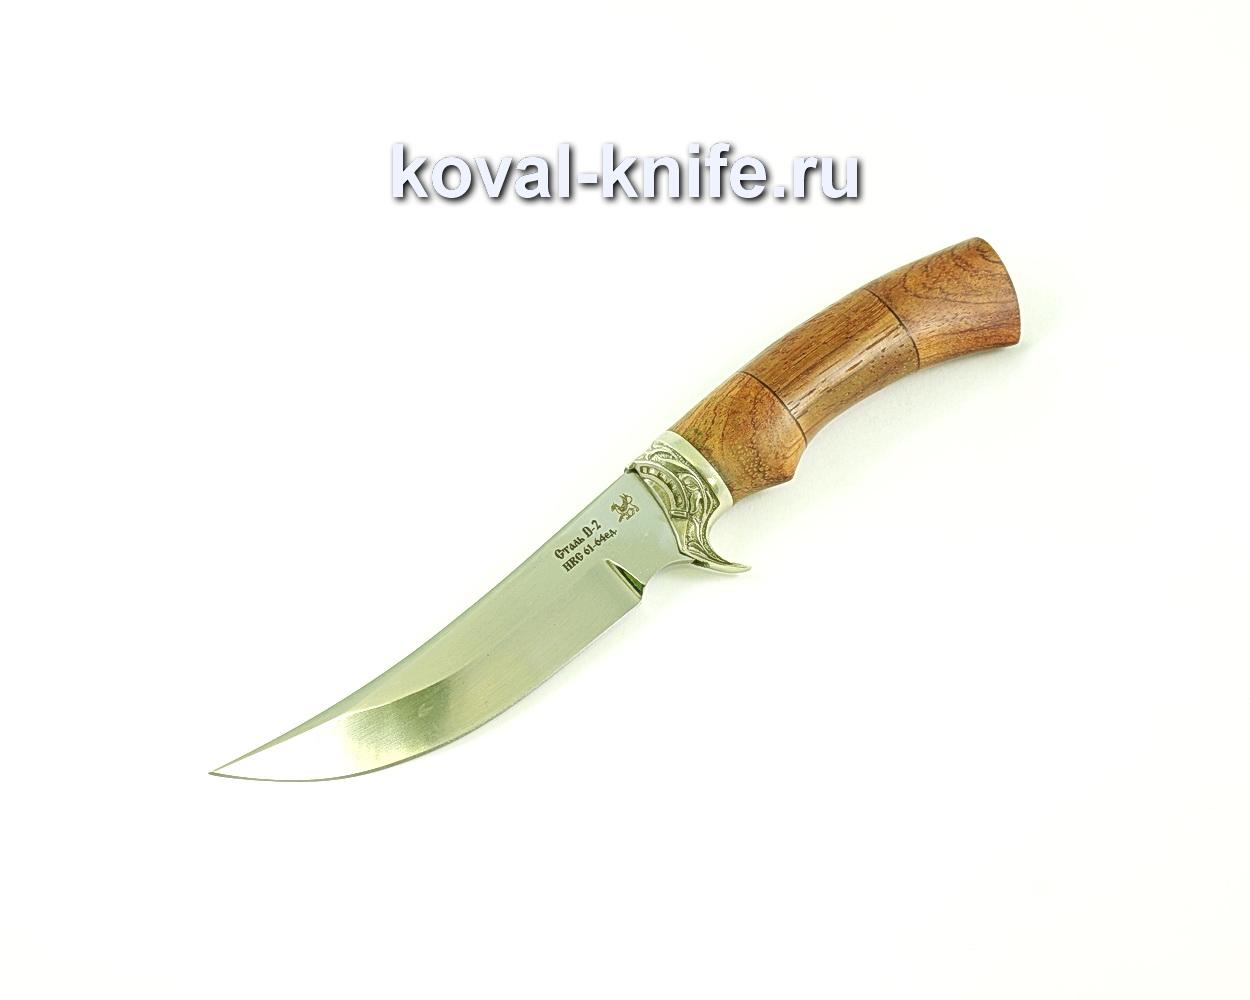 Нож Ворон (сталь D2), рукоять бубинга, литье A123